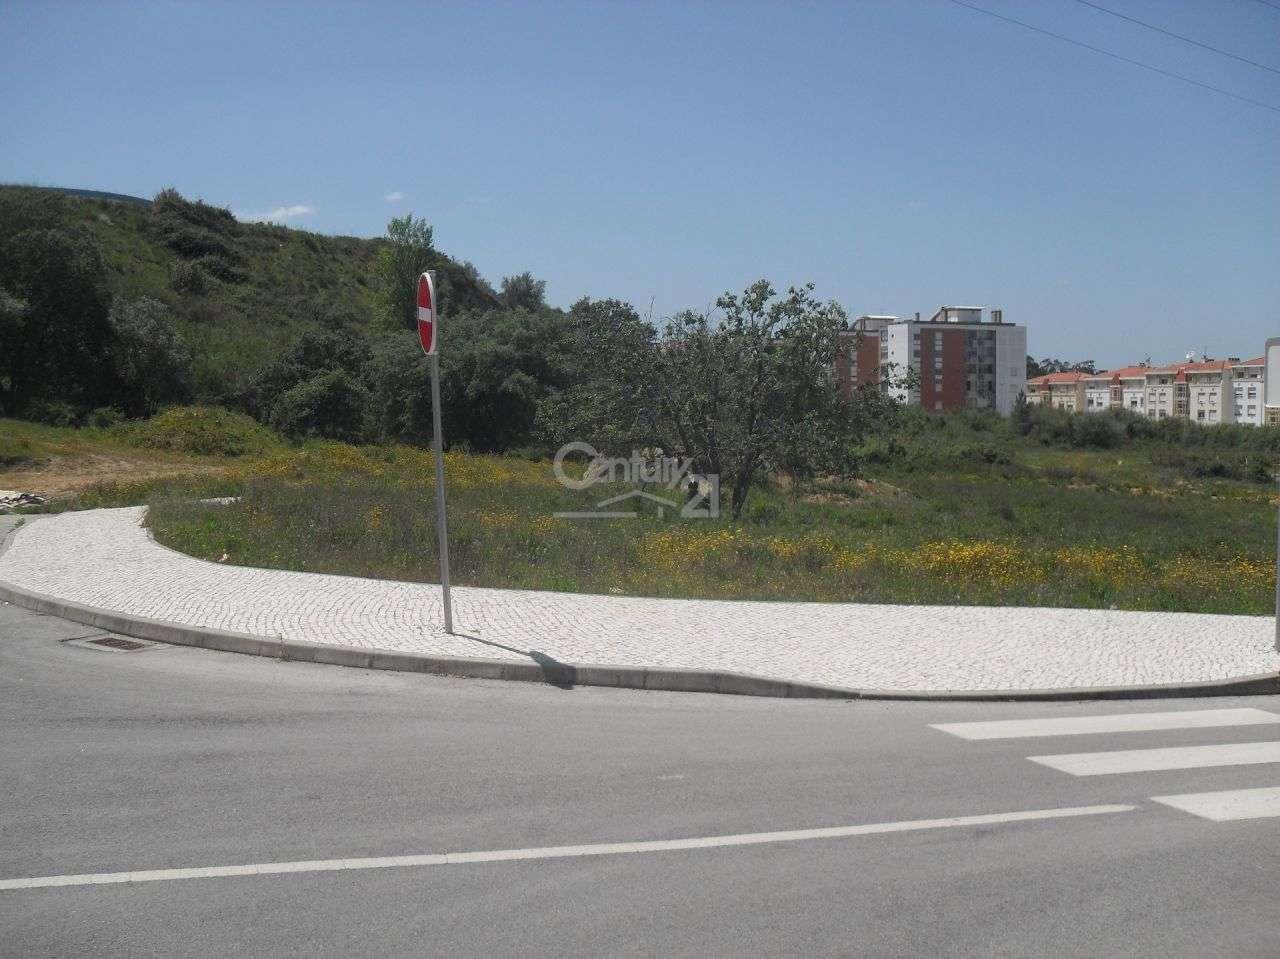 Terreno para comprar, Santarém (Marvila), Santa Iria da Ribeira de Santarém, Santarém (São Salvador) e Santarém (São Nicolau), Santarém - Foto 3